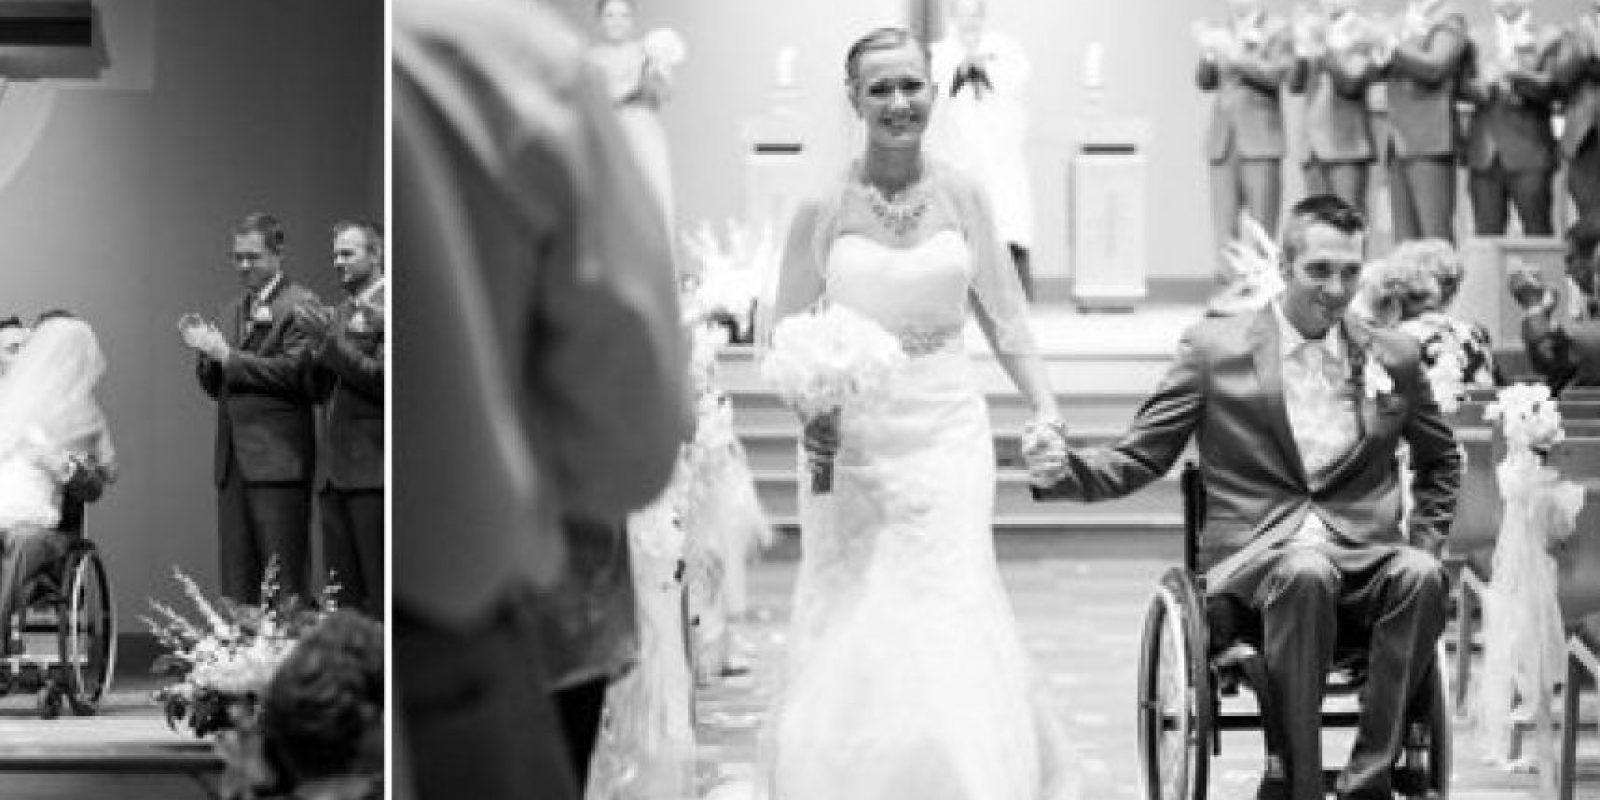 El día de su boda, el quiso hacerl ago por ella Foto:Cortesía linnealiz.com